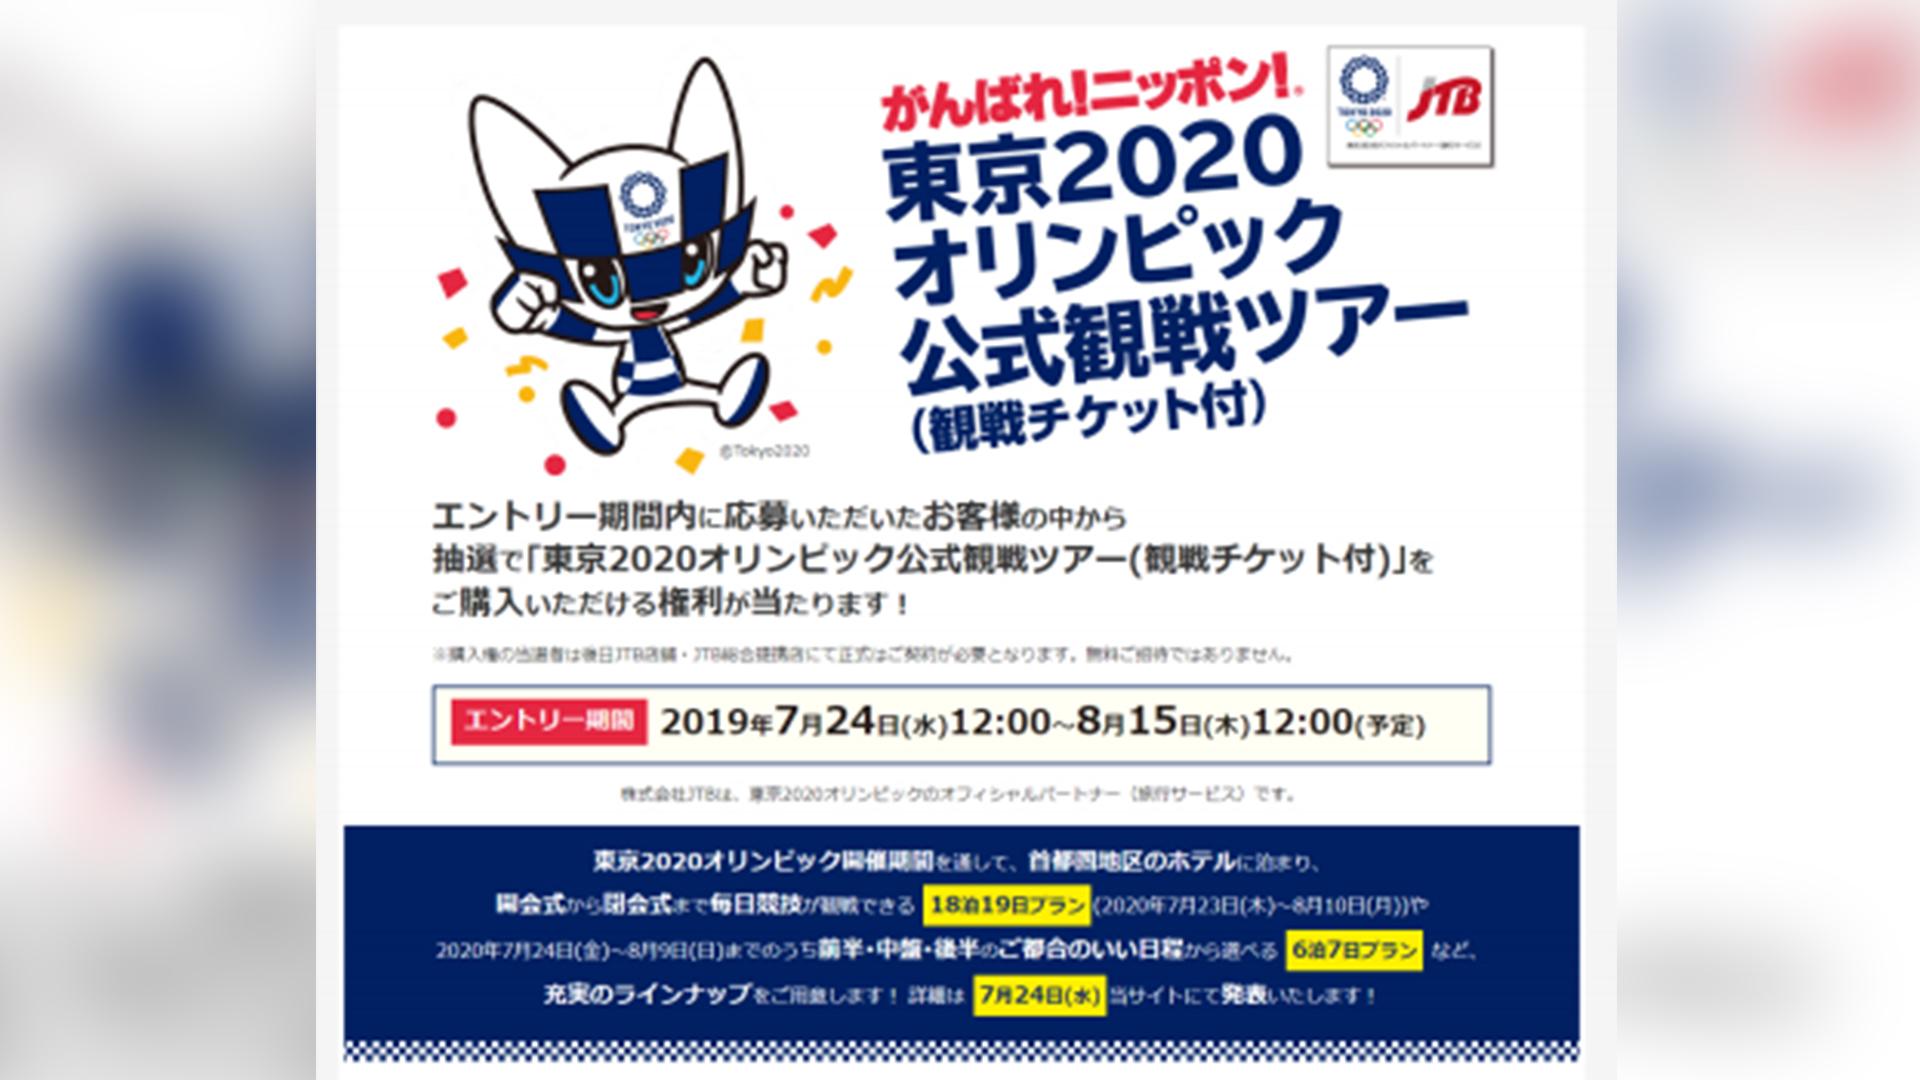 【東京オリンピック公式観戦ツアー 7月に抽選エントリー開始】他、新着トレンド6月21日